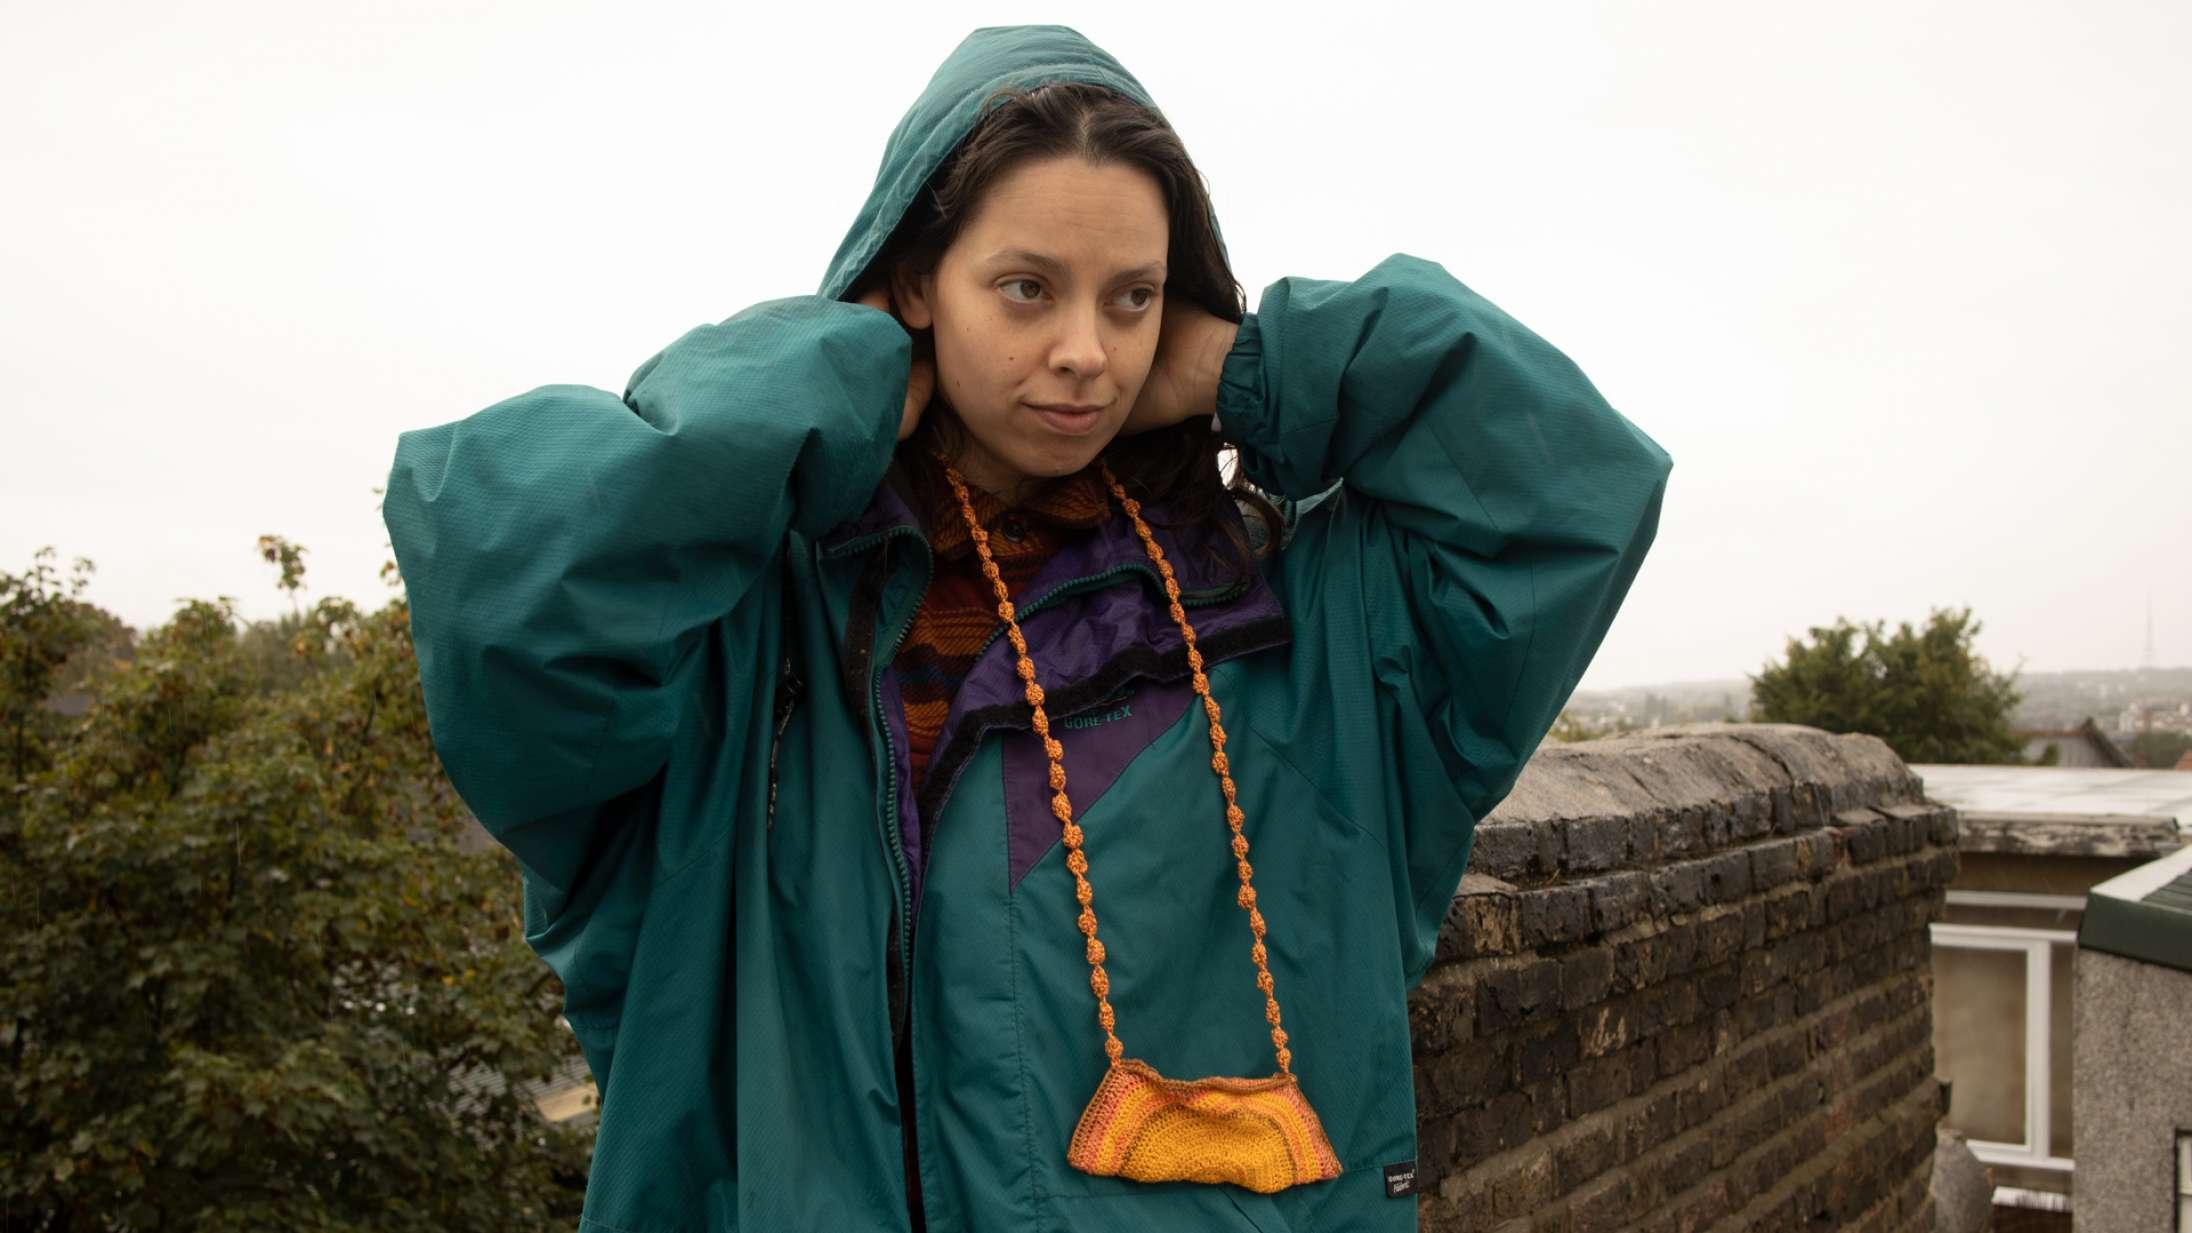 Tirzah mediterer over familielivets intimitet på det smukke 'Colourgrade'